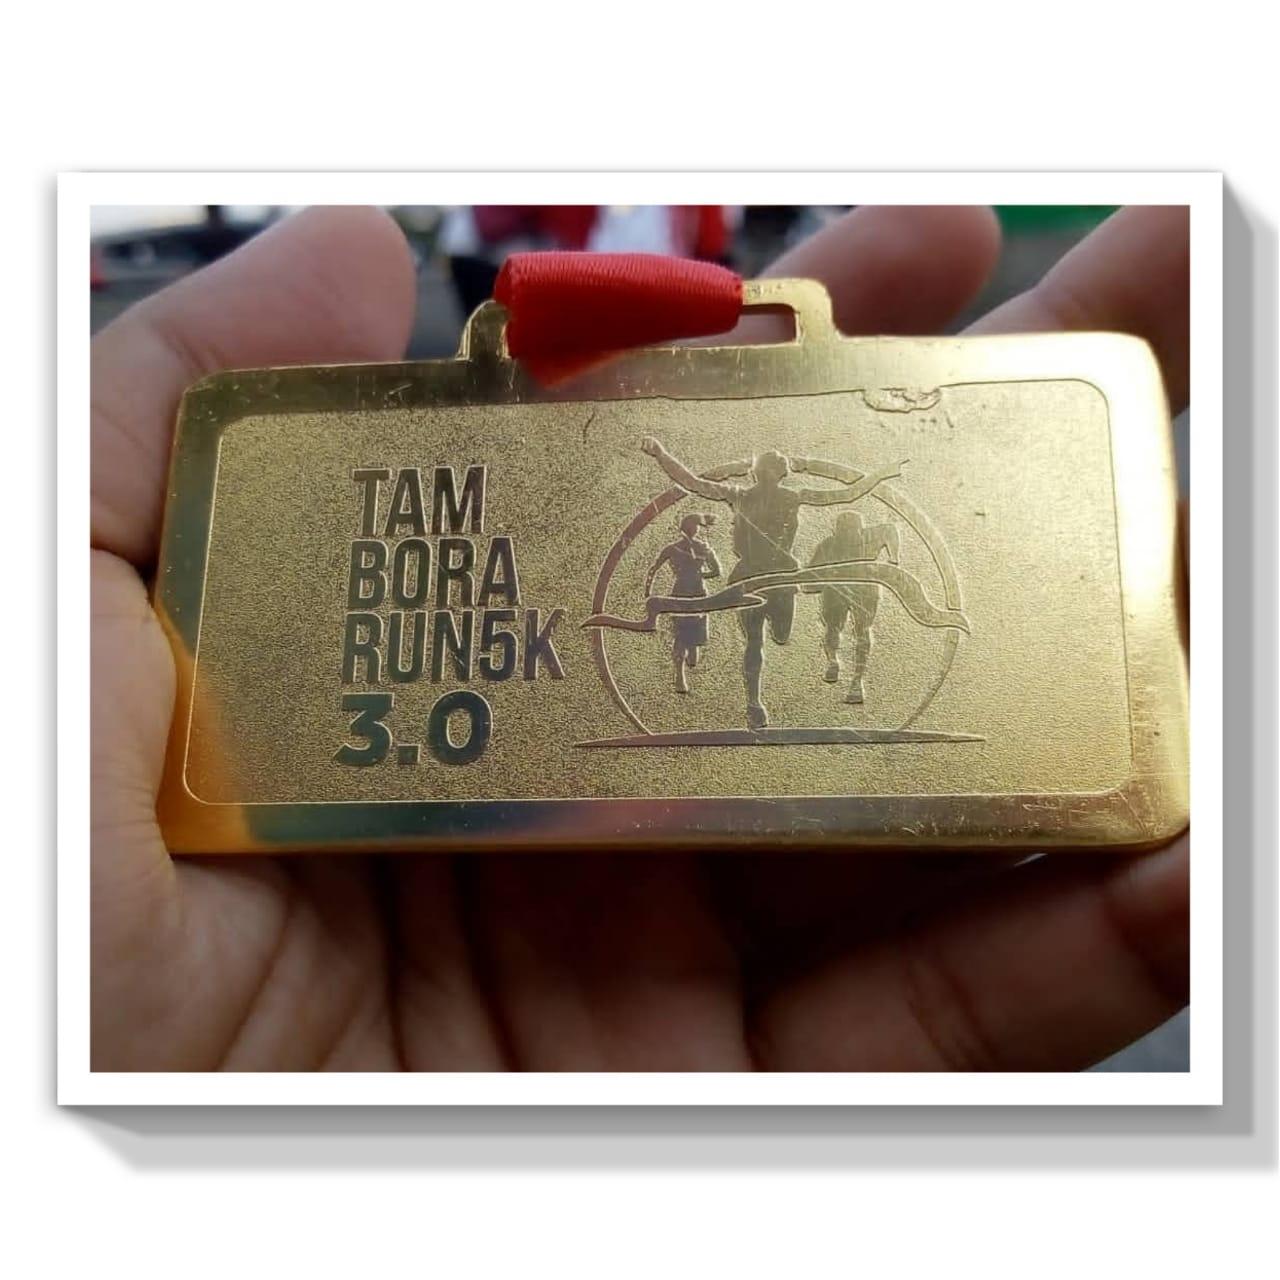 Medali emas di Tambora Run